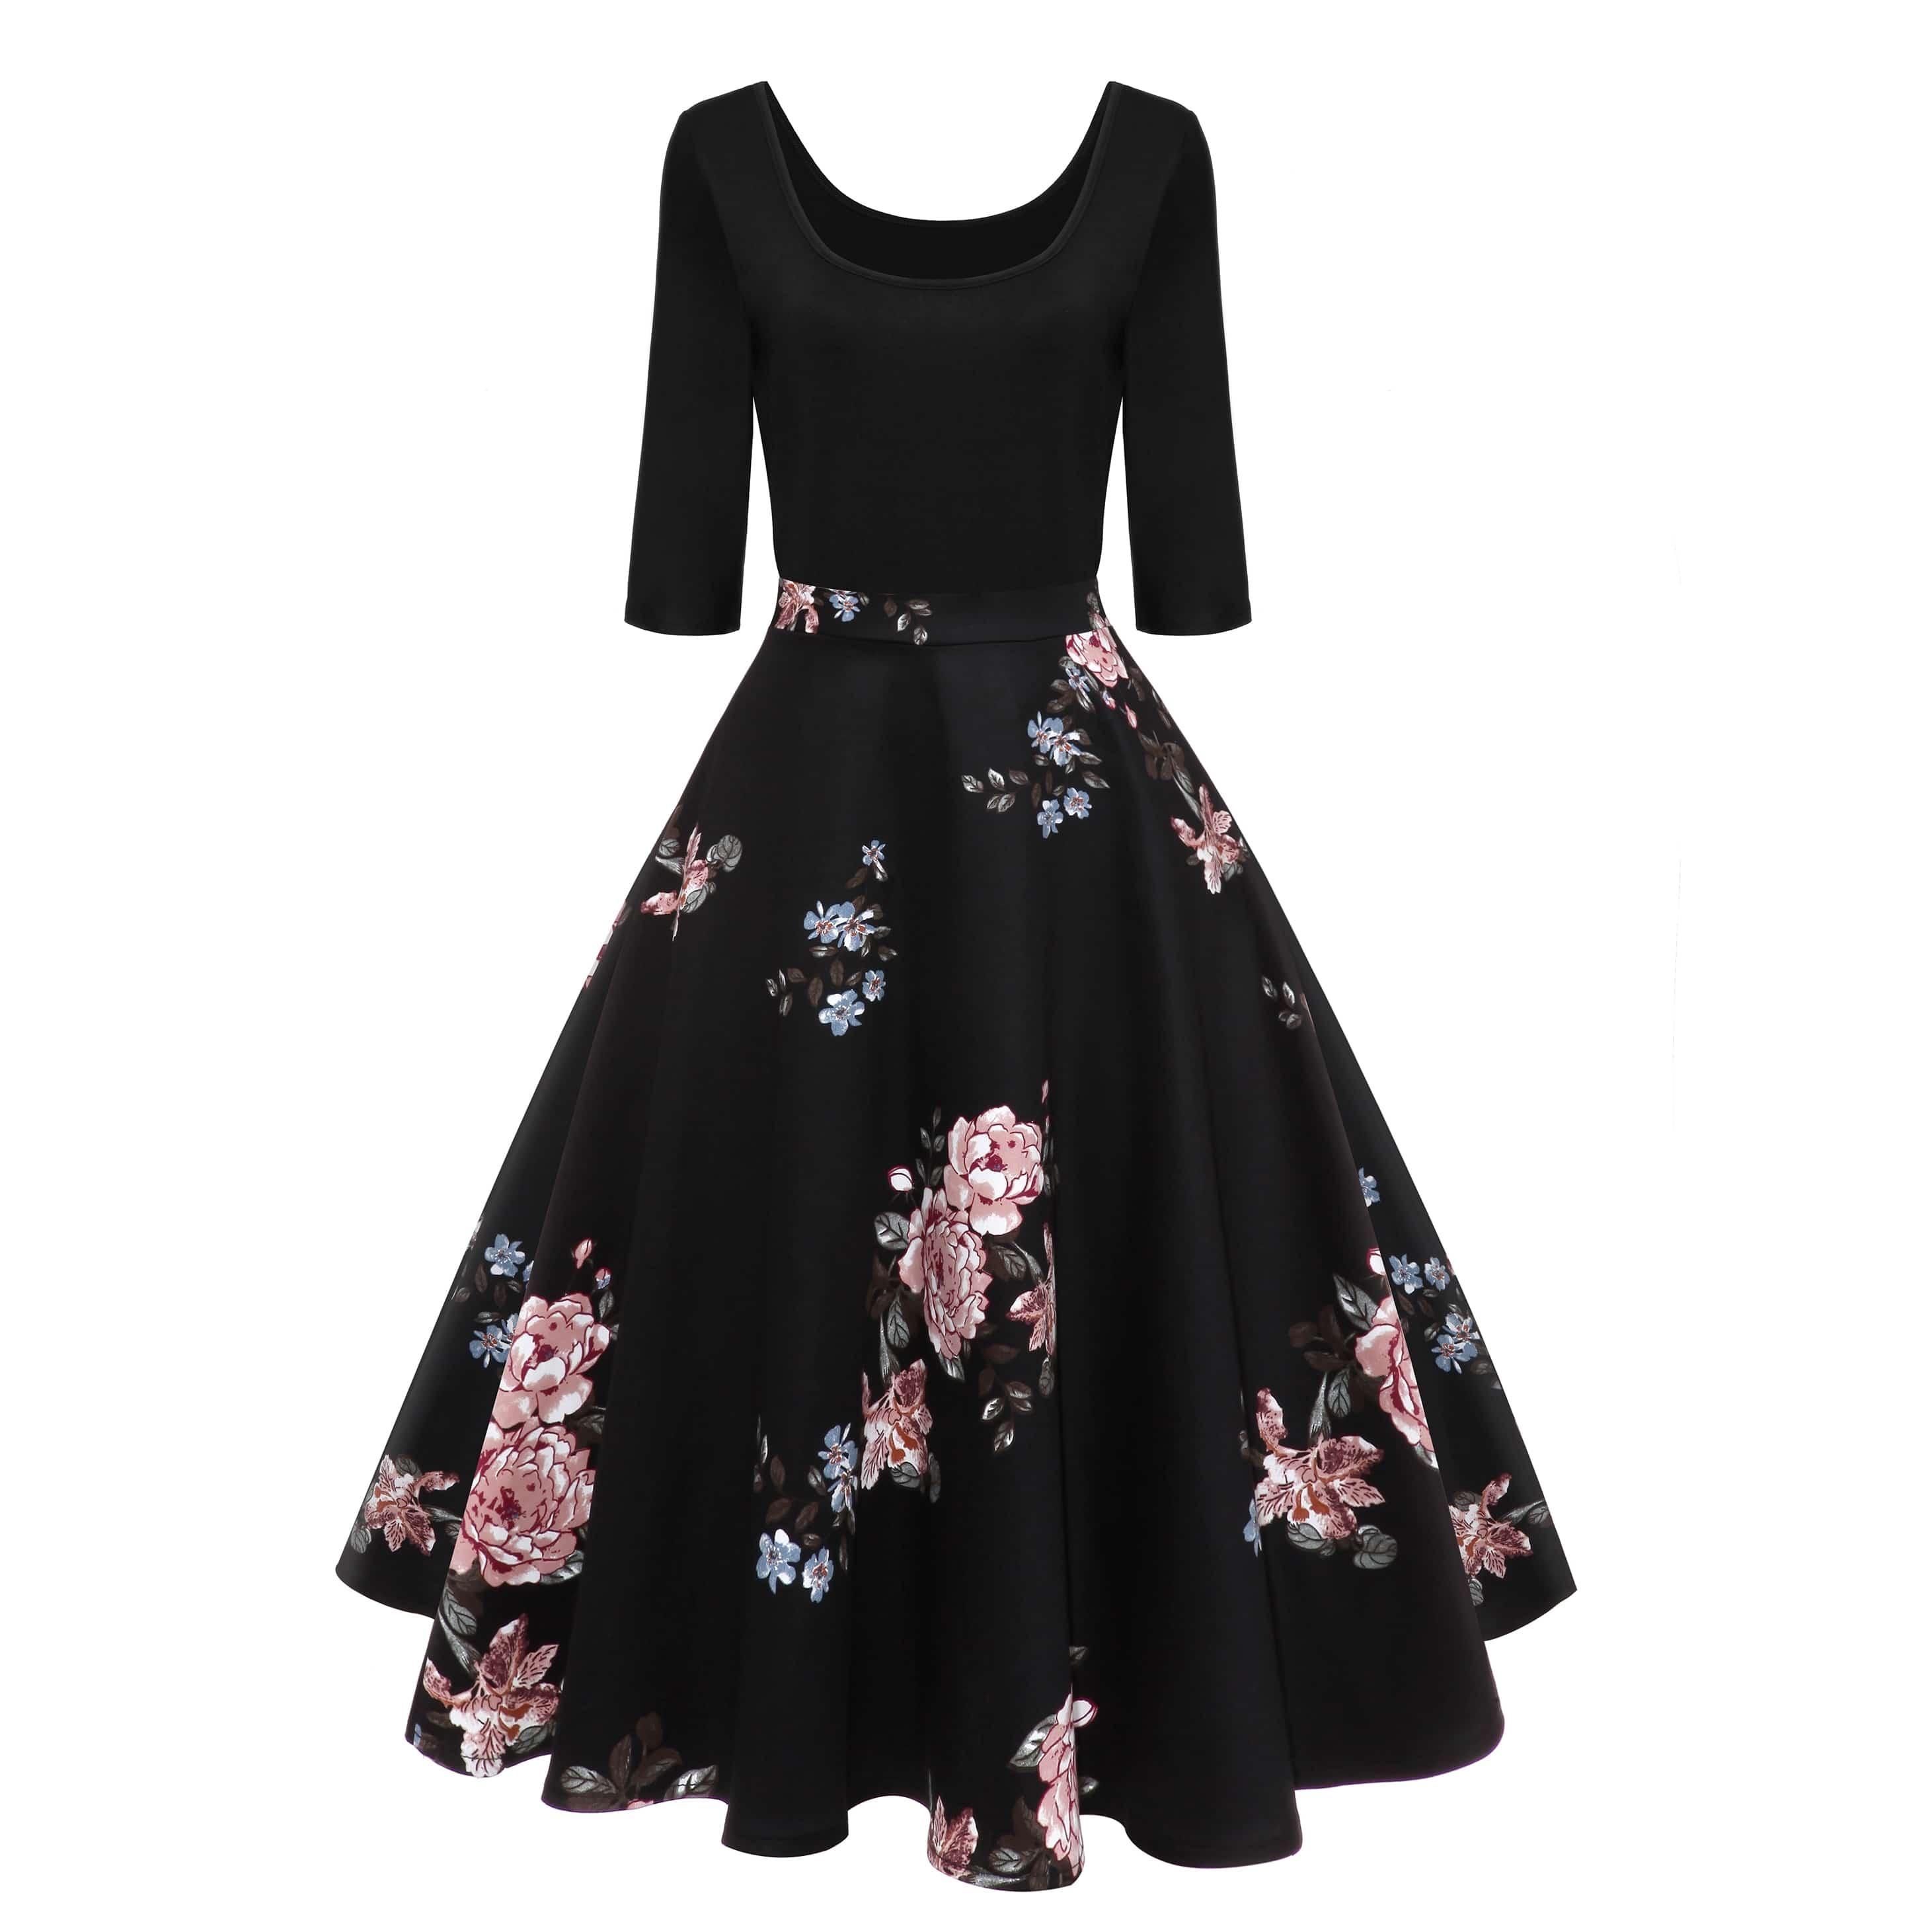 50s платье с цветочным принтом